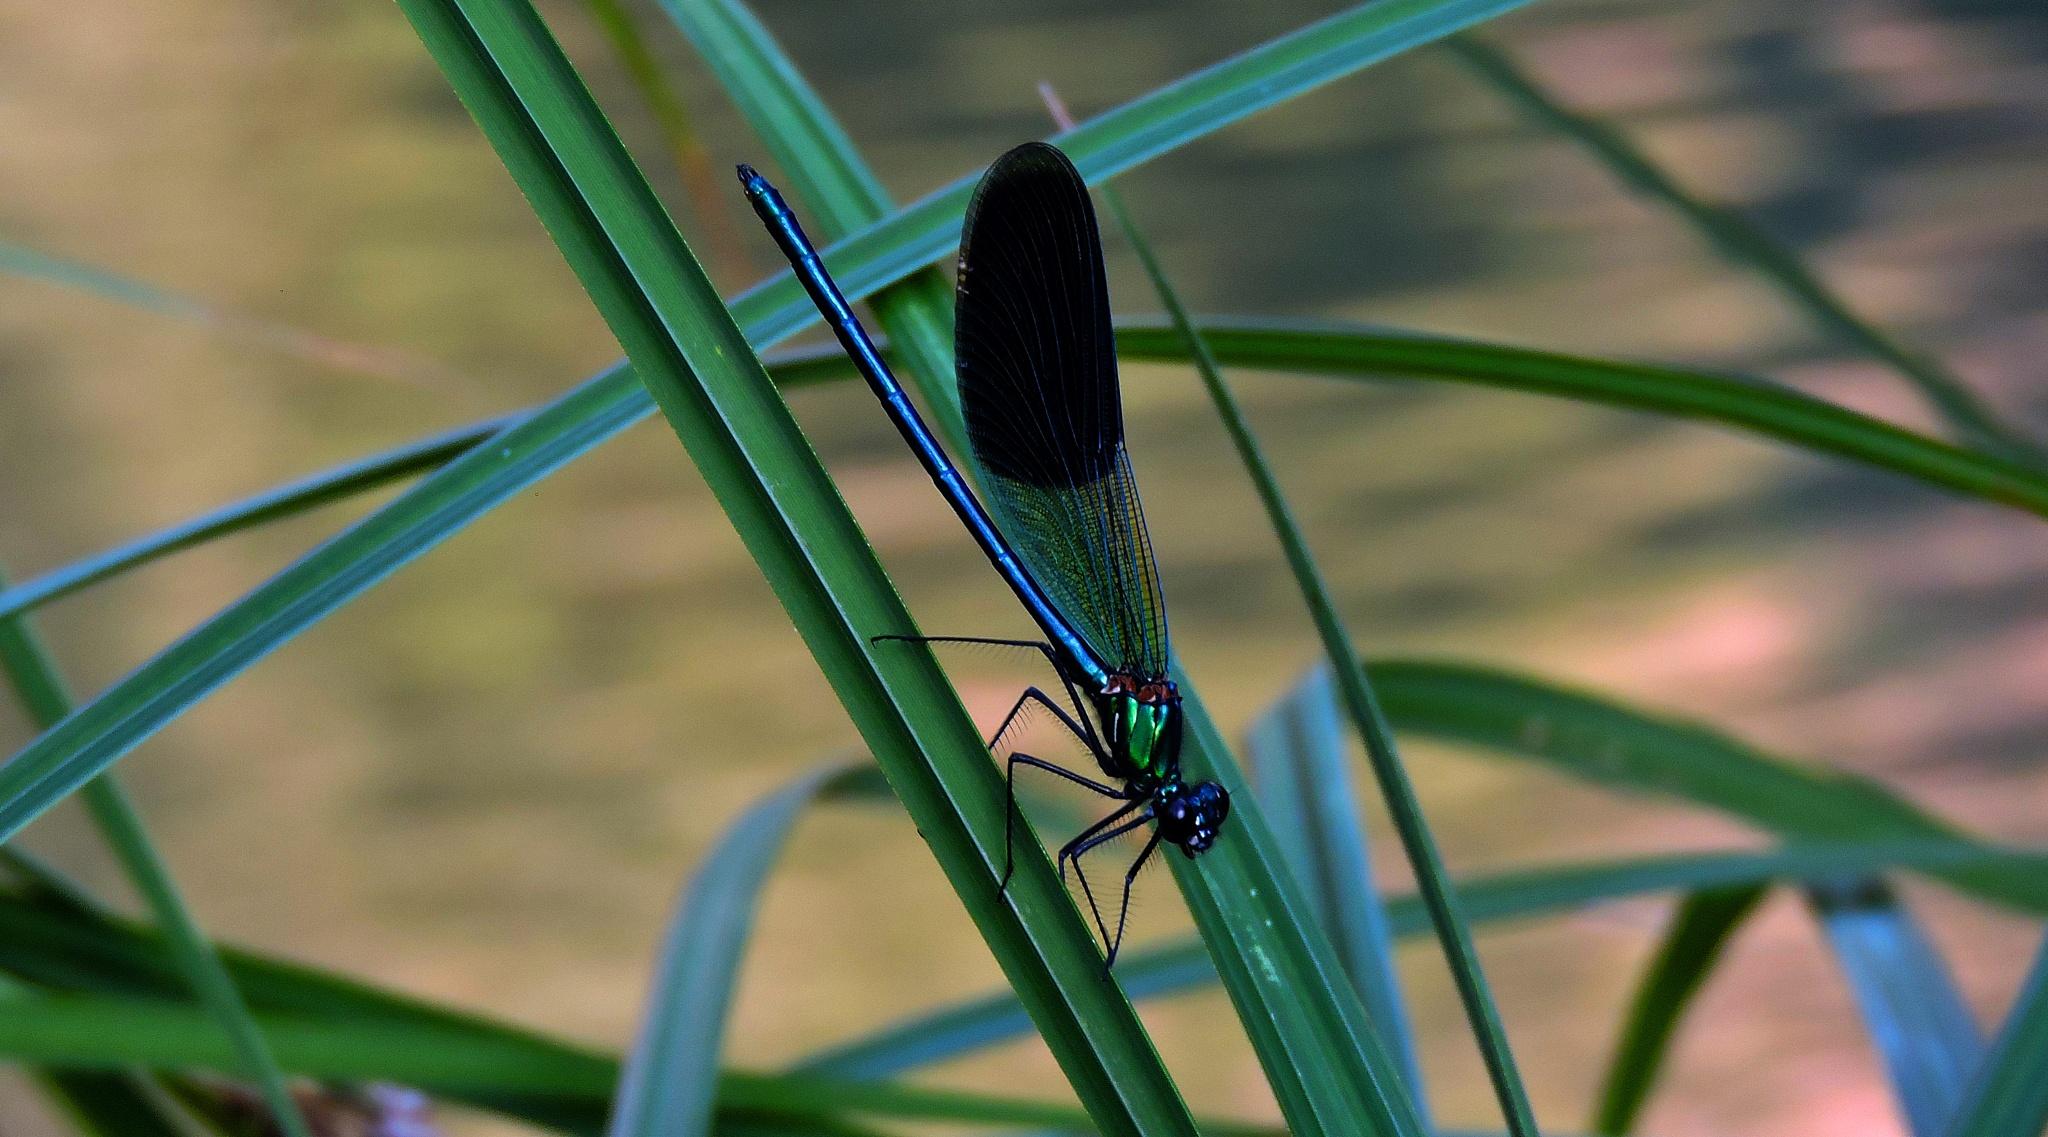 dragonfly by bilal güldoğan